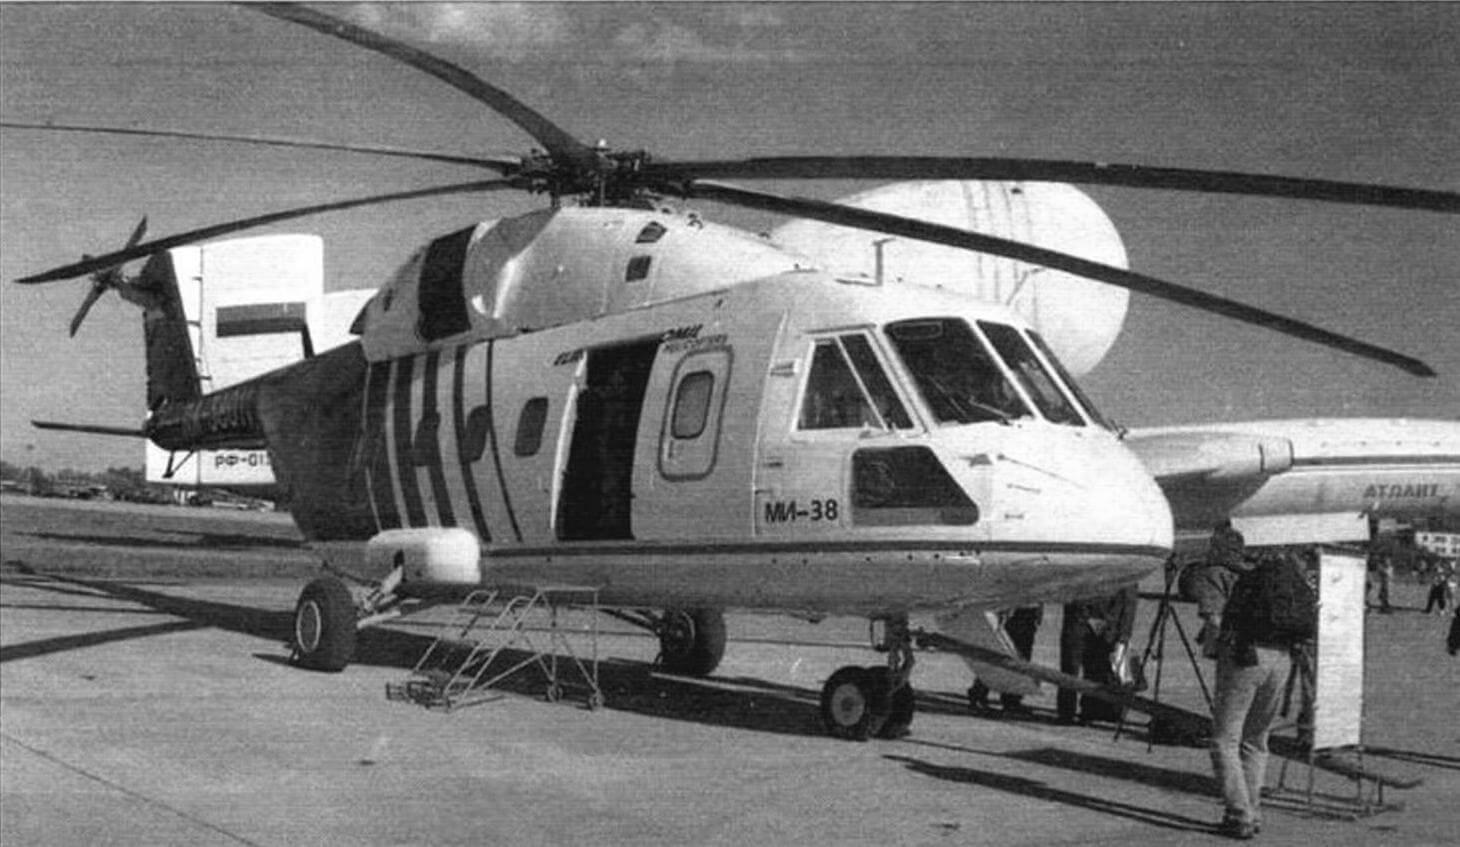 Первый опытный экземпляр Ми-38 (ОП-1) с двигателями PW127T/S